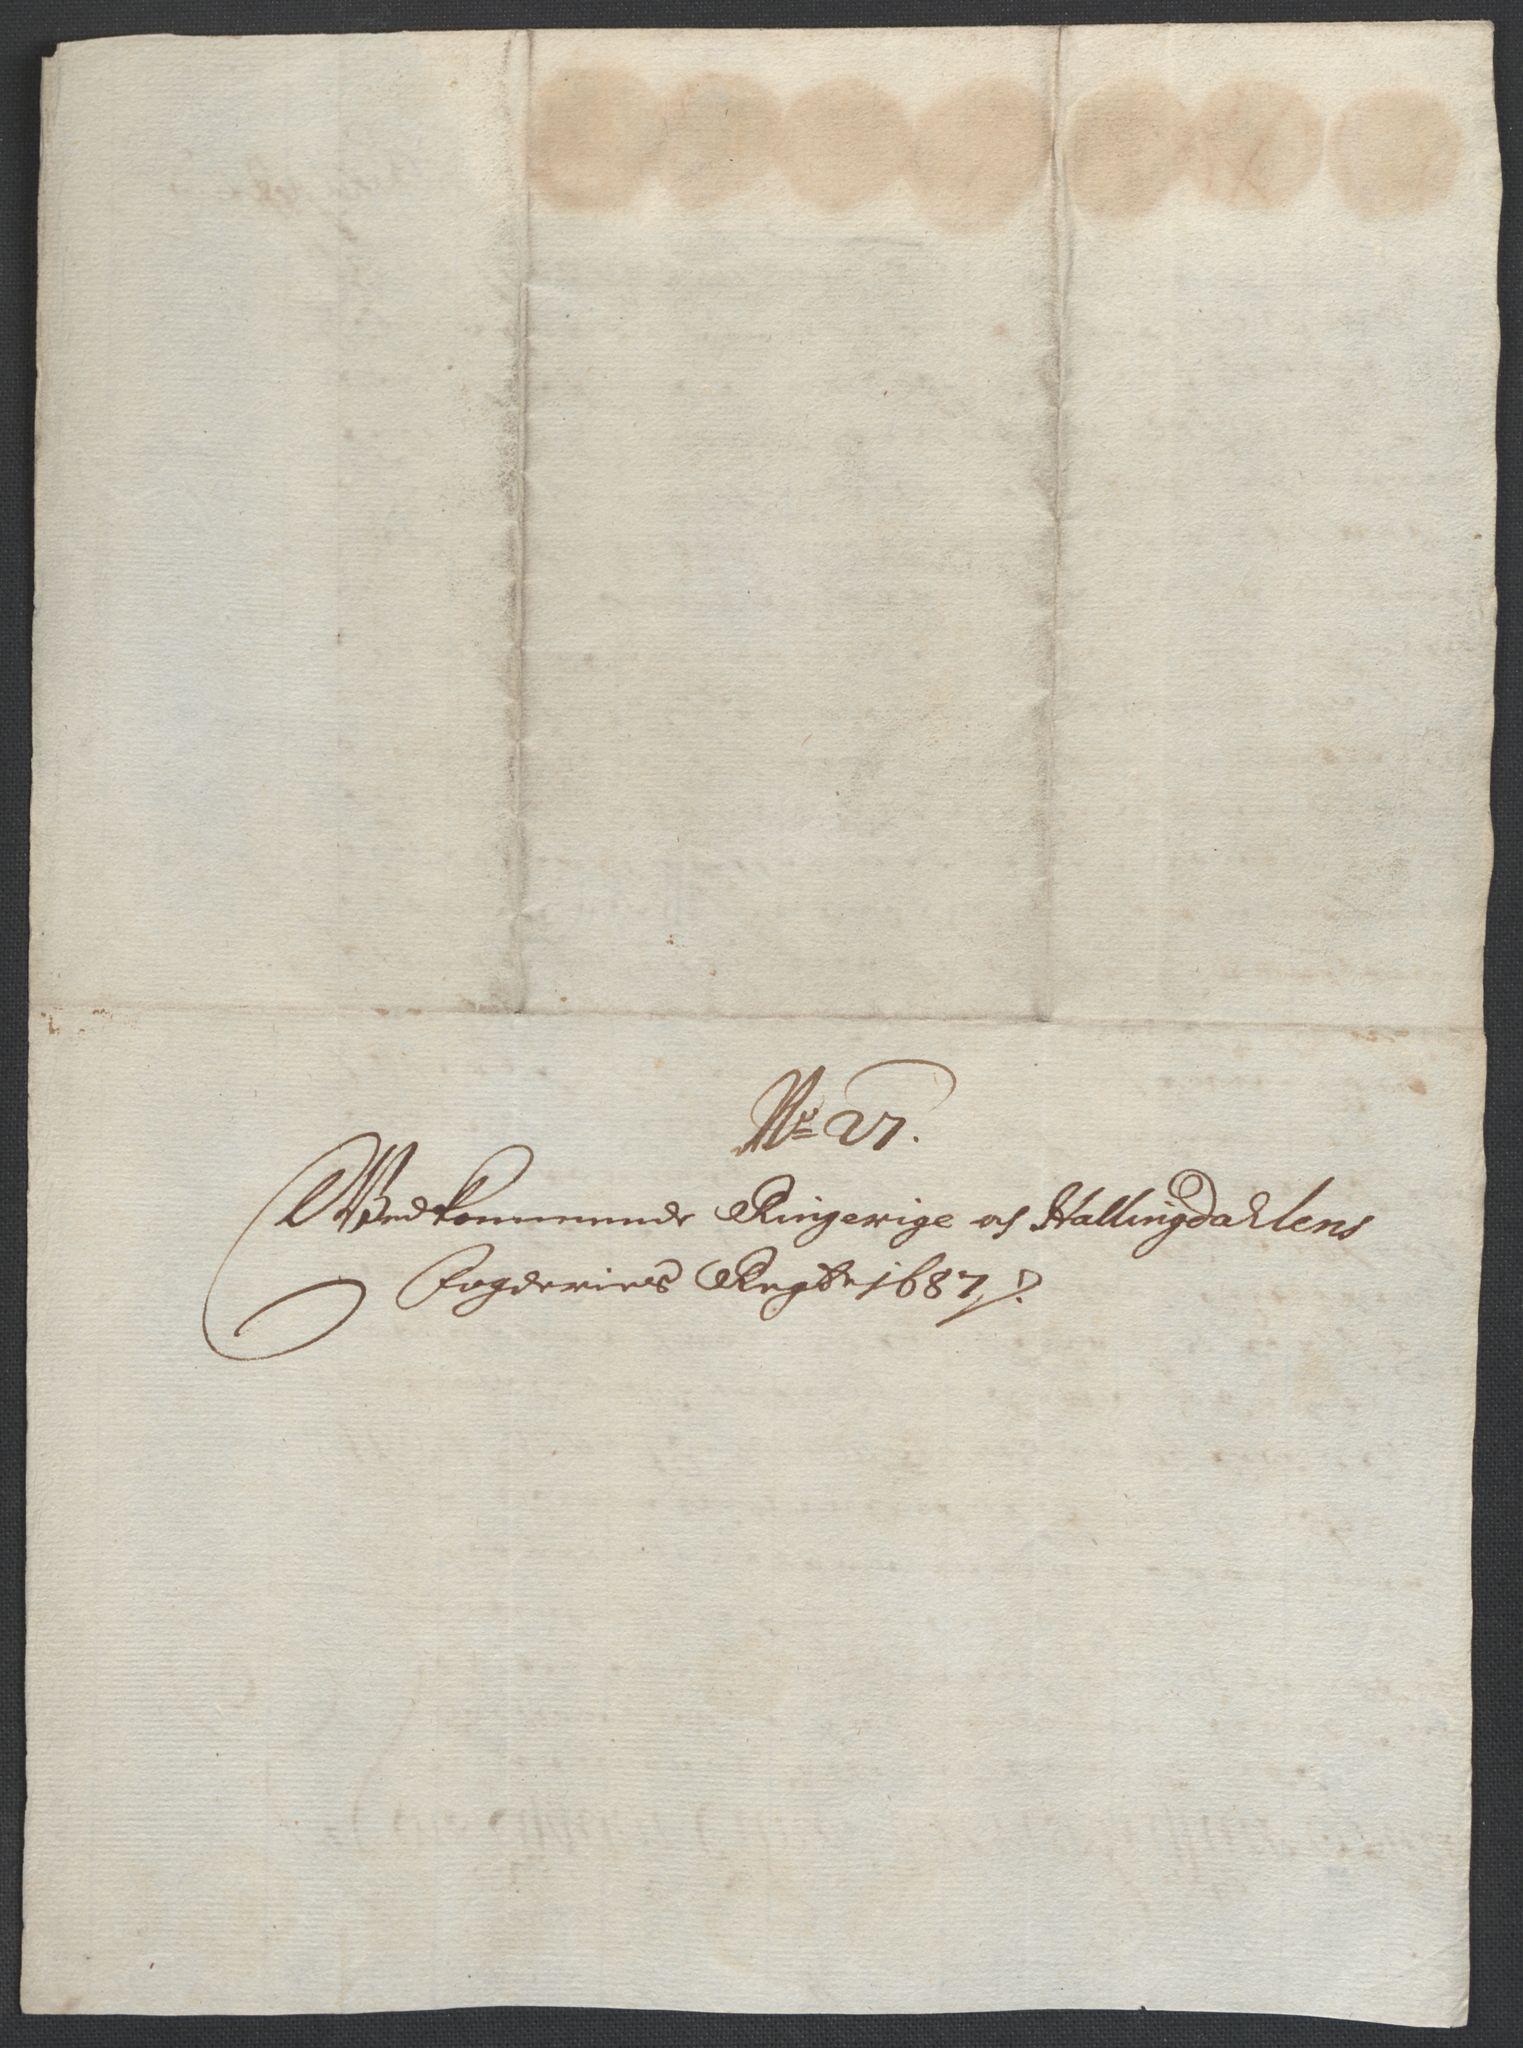 RA, Rentekammeret inntil 1814, Reviderte regnskaper, Fogderegnskap, R21/L1447: Fogderegnskap Ringerike og Hallingdal, 1687-1689, s. 117